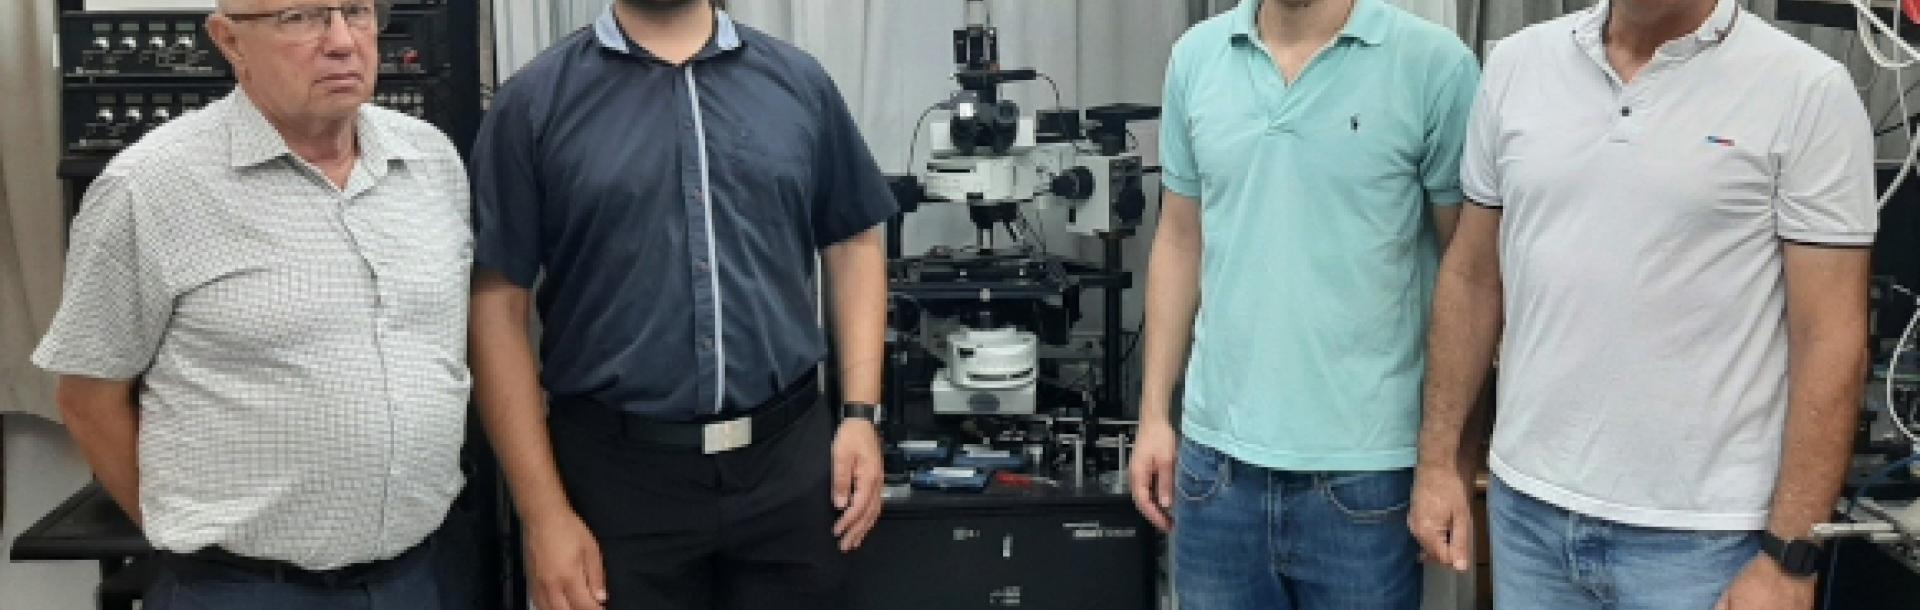 מימין לשמאל: פרופ' עדי אריה, הדוקטורנטים דרור ויסמן וגאורגי גרי רוזנמן ופרופ' לב שמר. במרכז - מיקרוסקופ אופטי סורק לשדה הקרוב באמצעותו בוצעו המדידות של הגלים הפלזמוניים